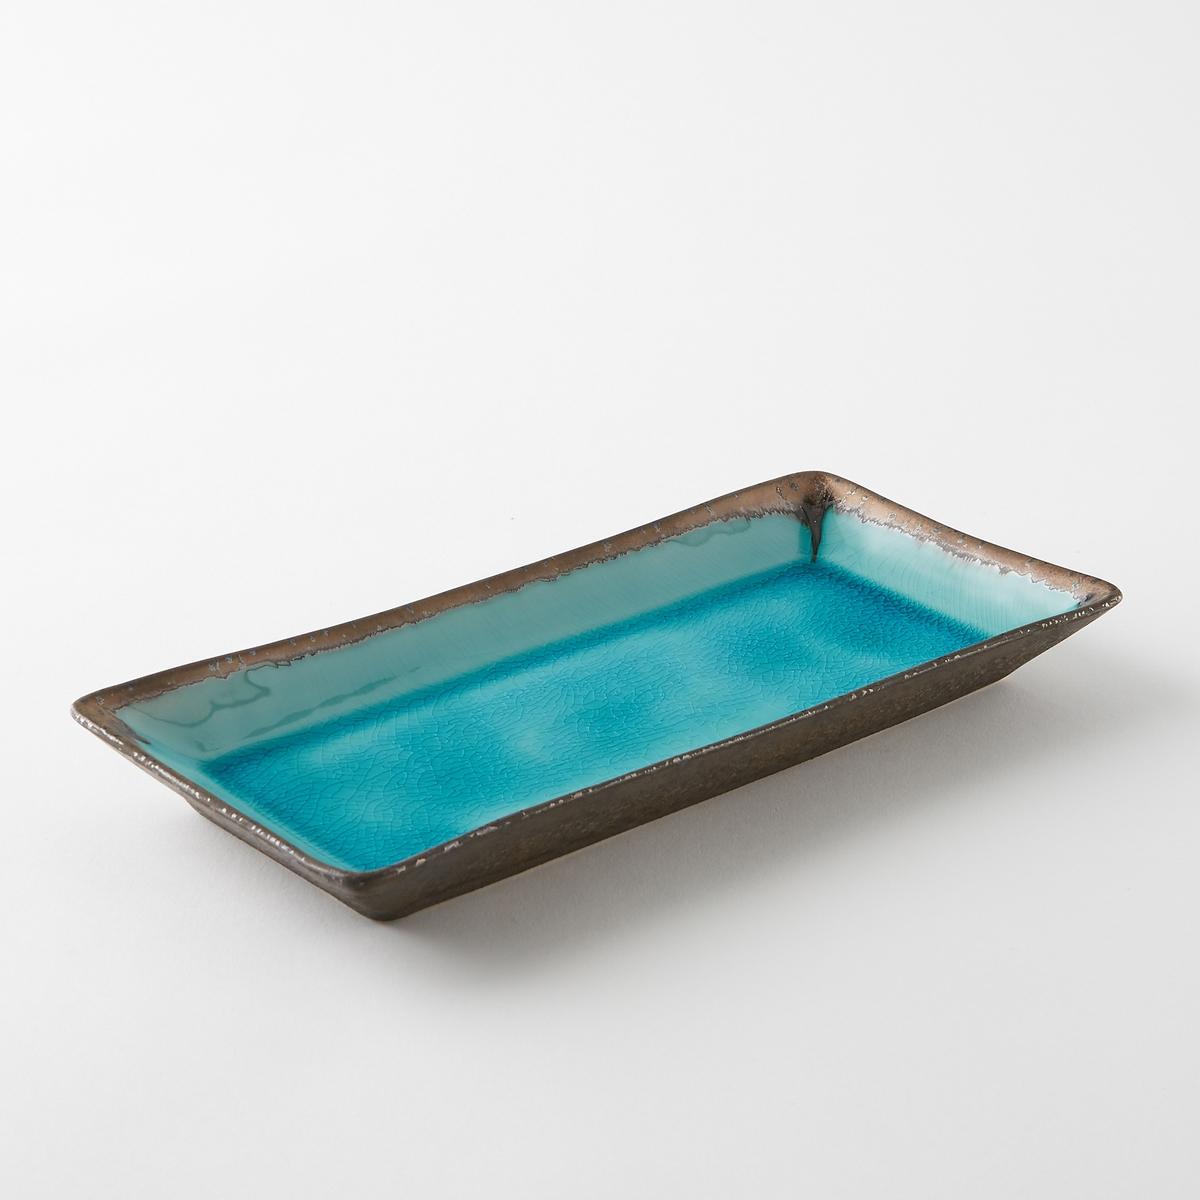 Блюдо из глазурованной керамики, Altadill от La Redoute